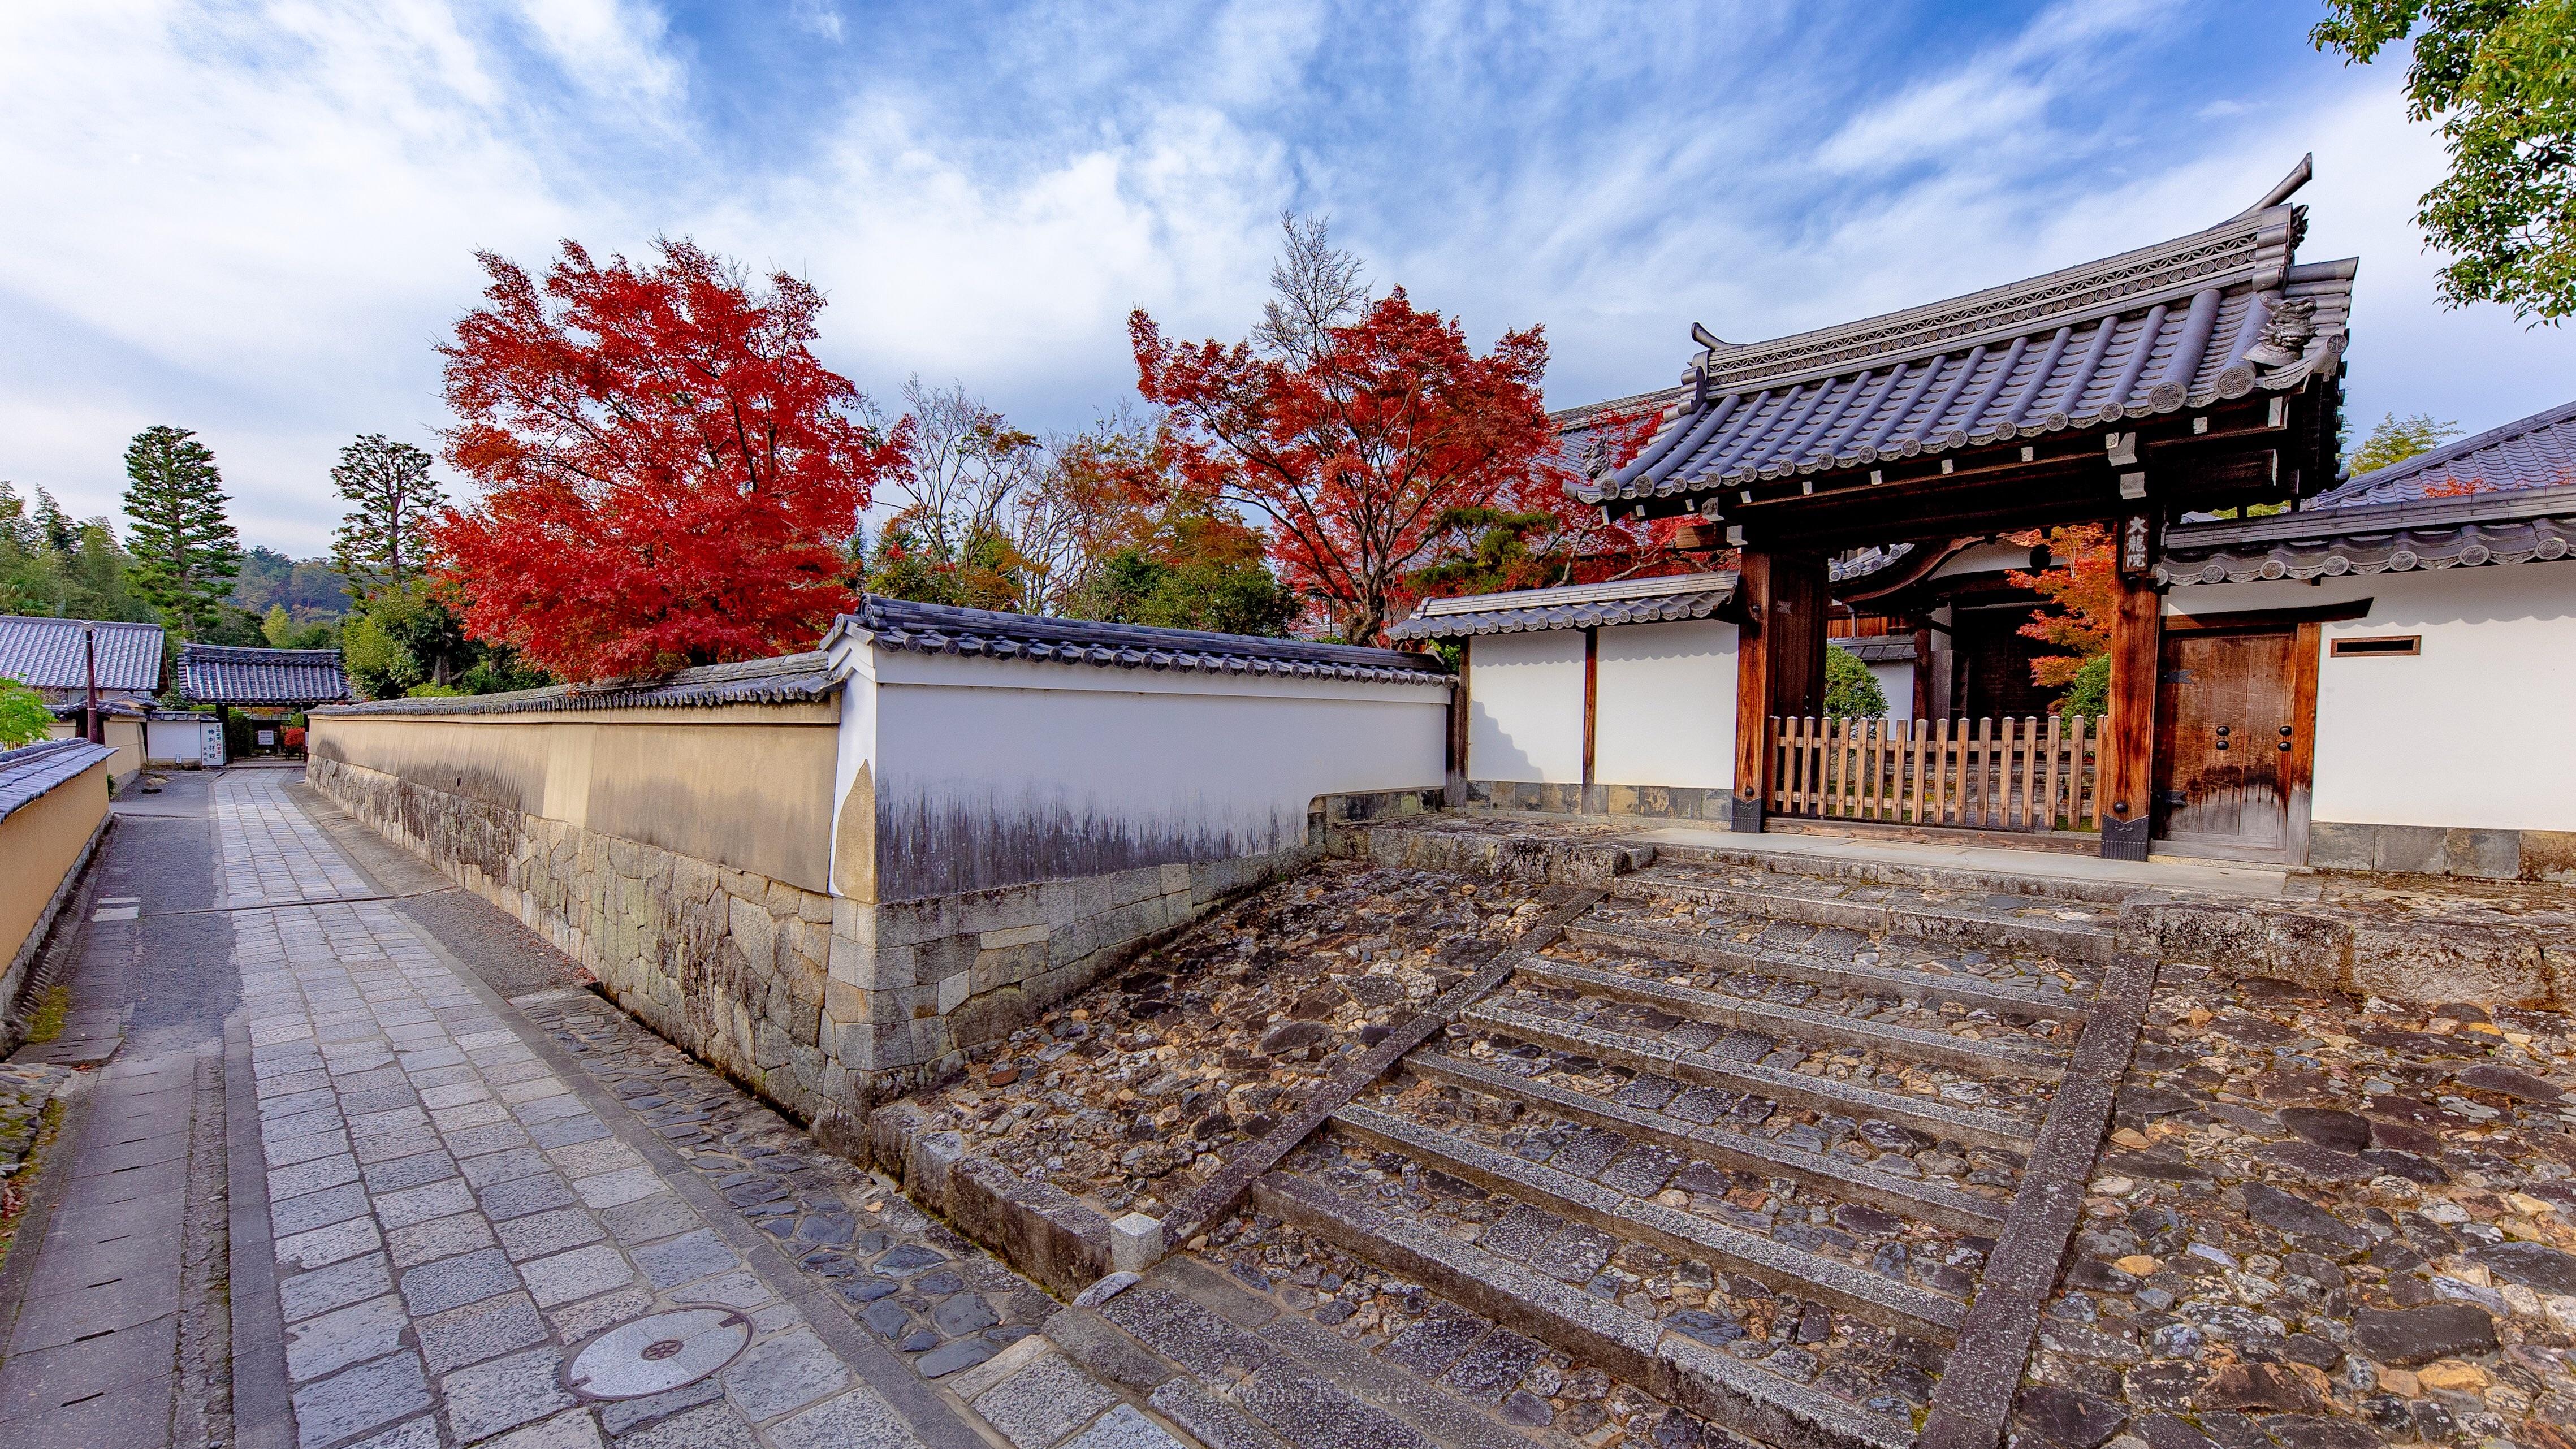 f:id:Shotetsuan:20181127002950j:image